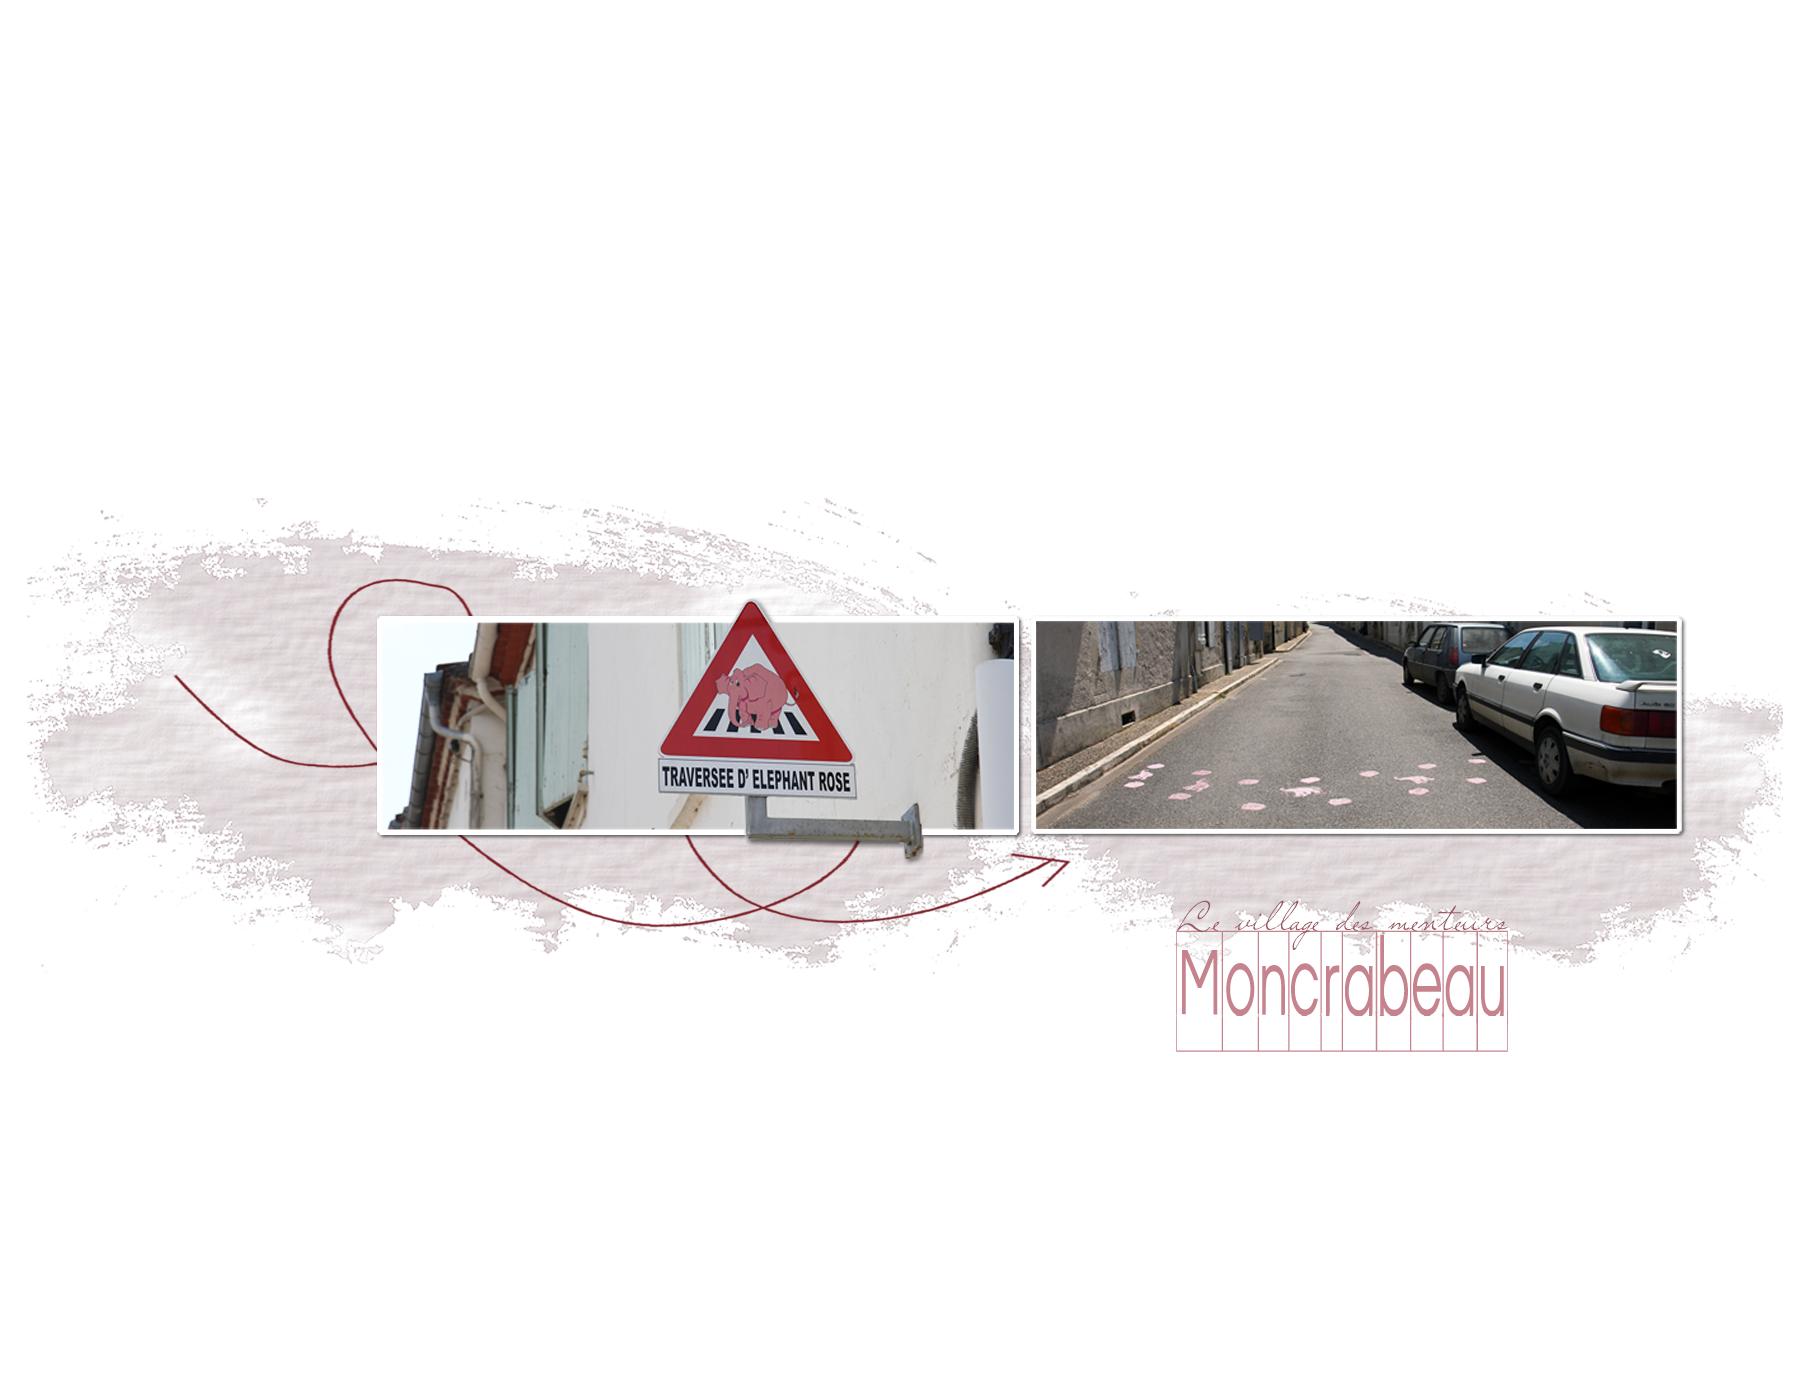 Moncrabeau-humour__